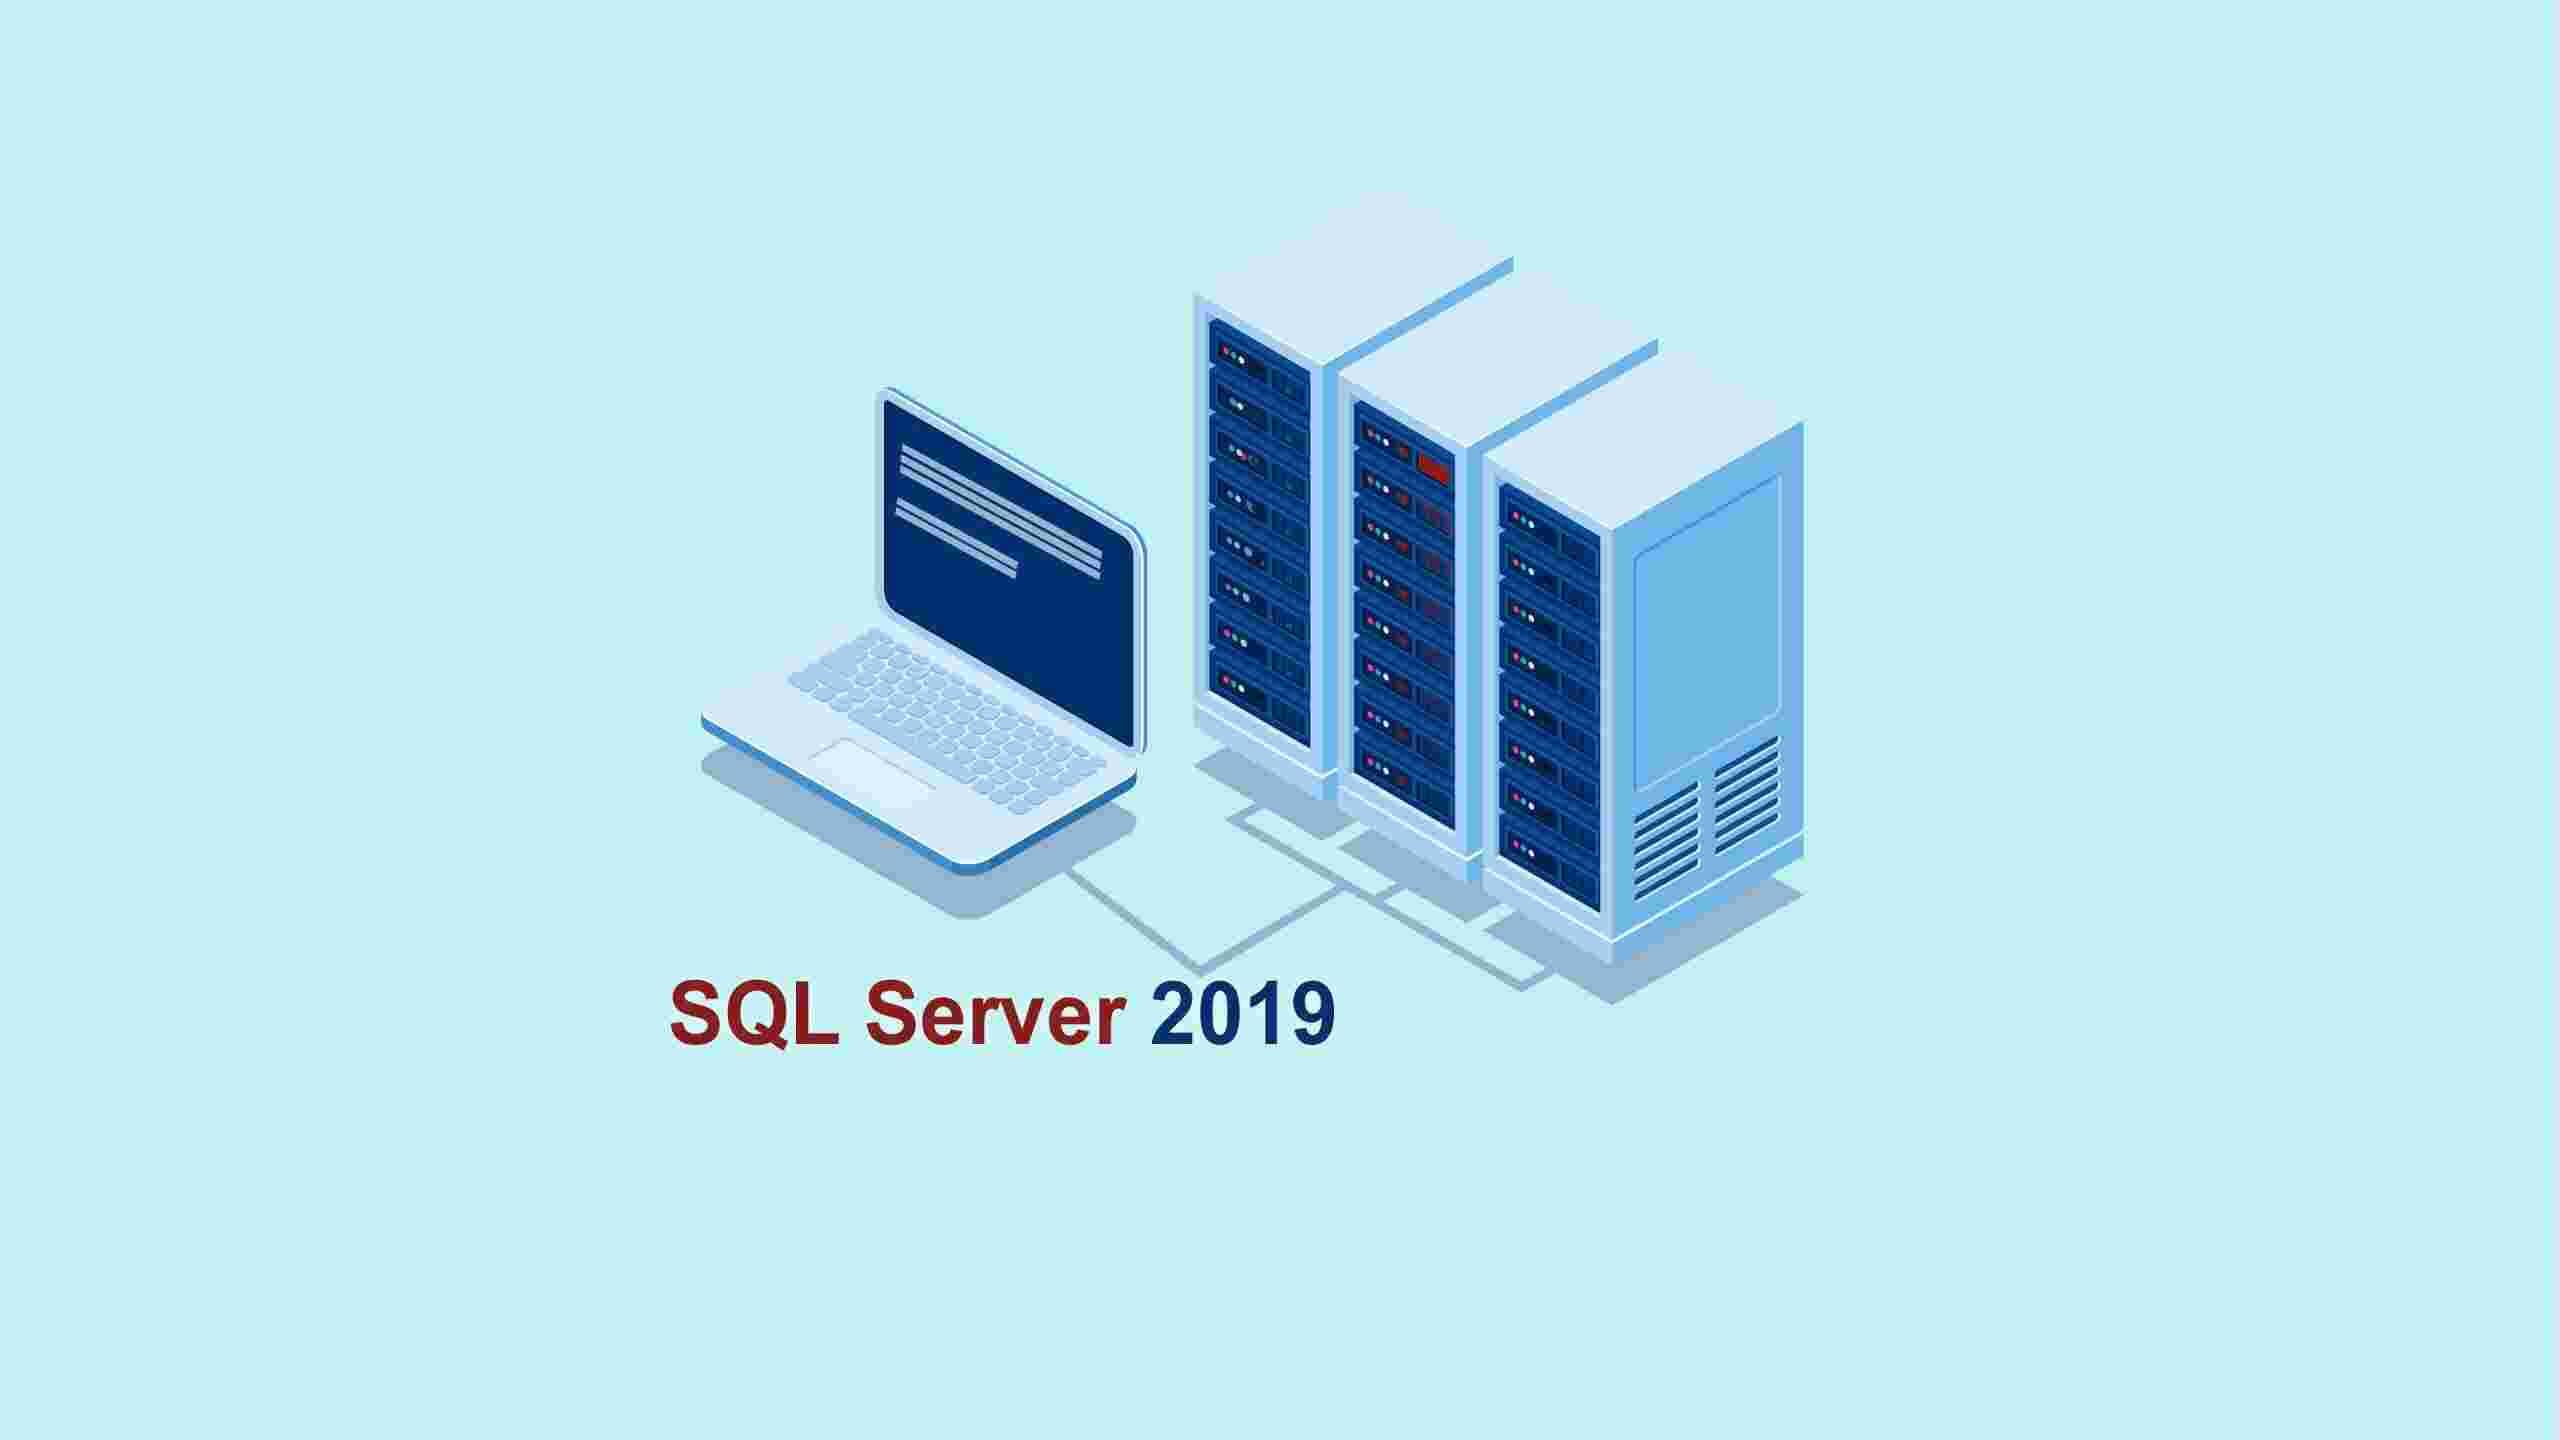 آموزش SQL Server 2019 مقدماتی تا پیشرفته